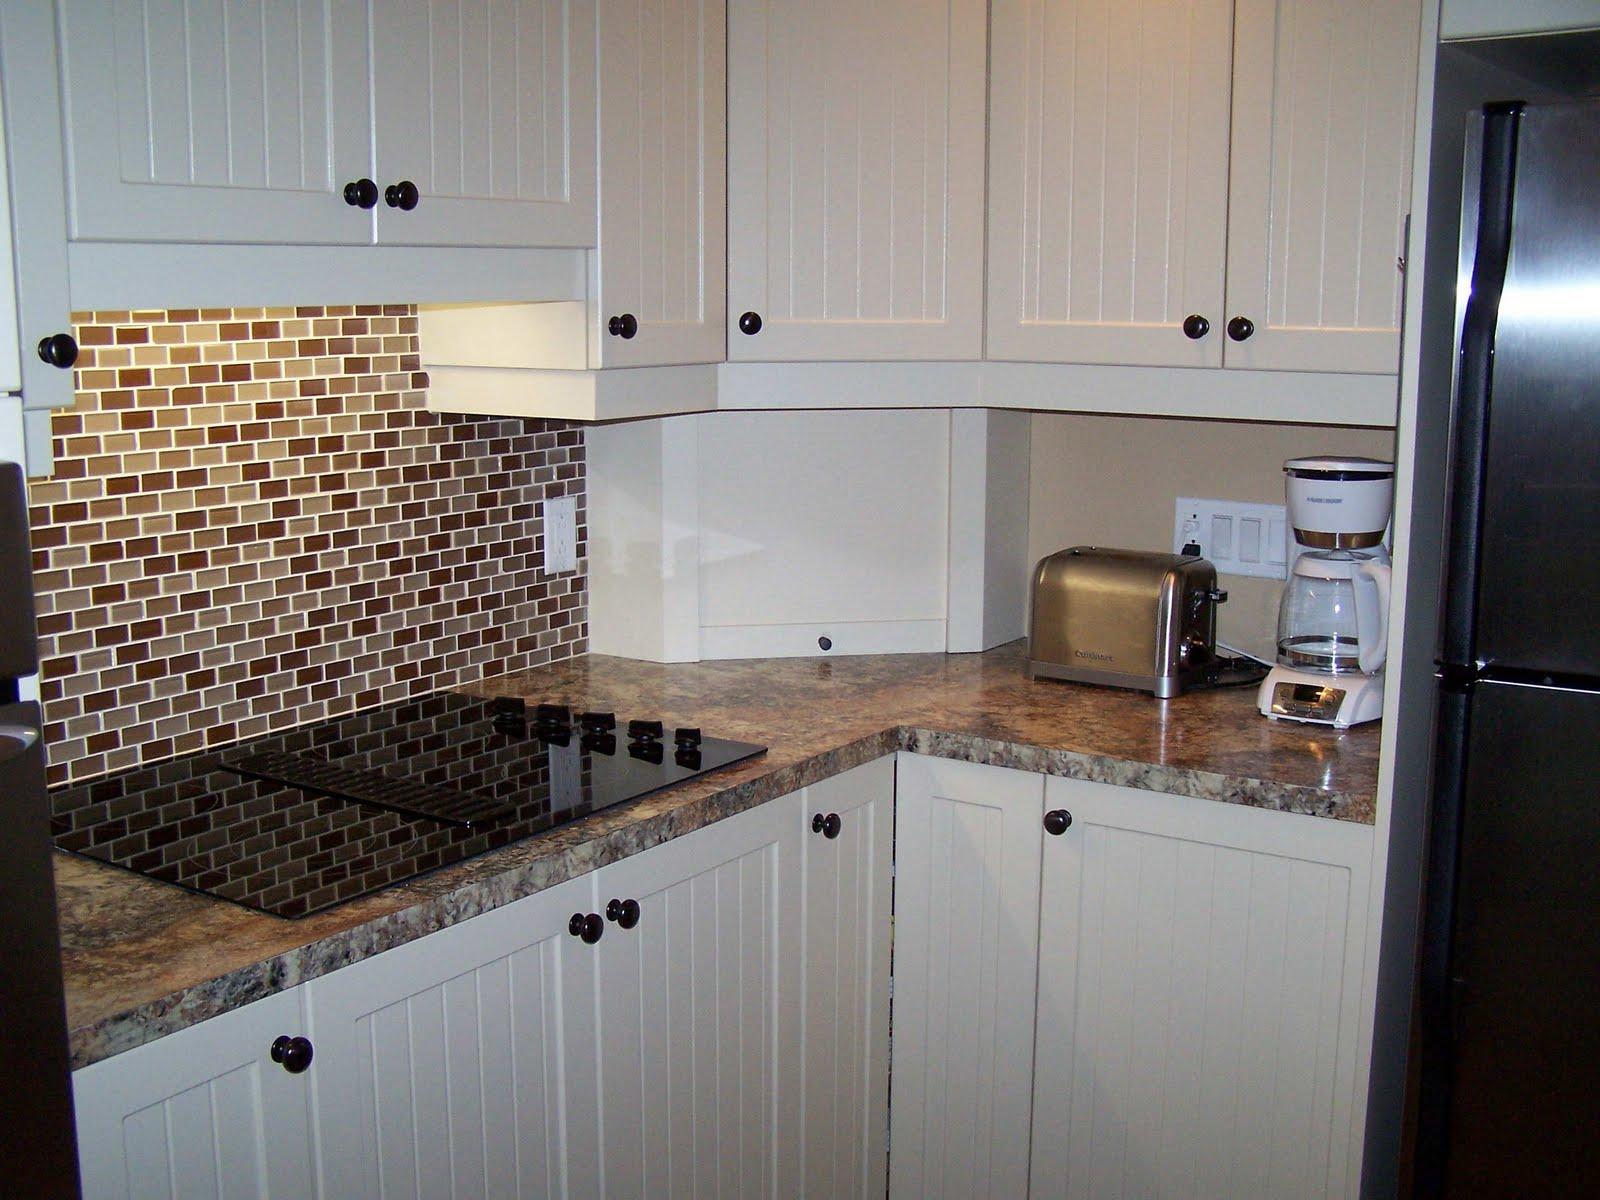 Specialit smm armoire de cuisine en thermoplastique - Stratifie comptoir cuisine ...